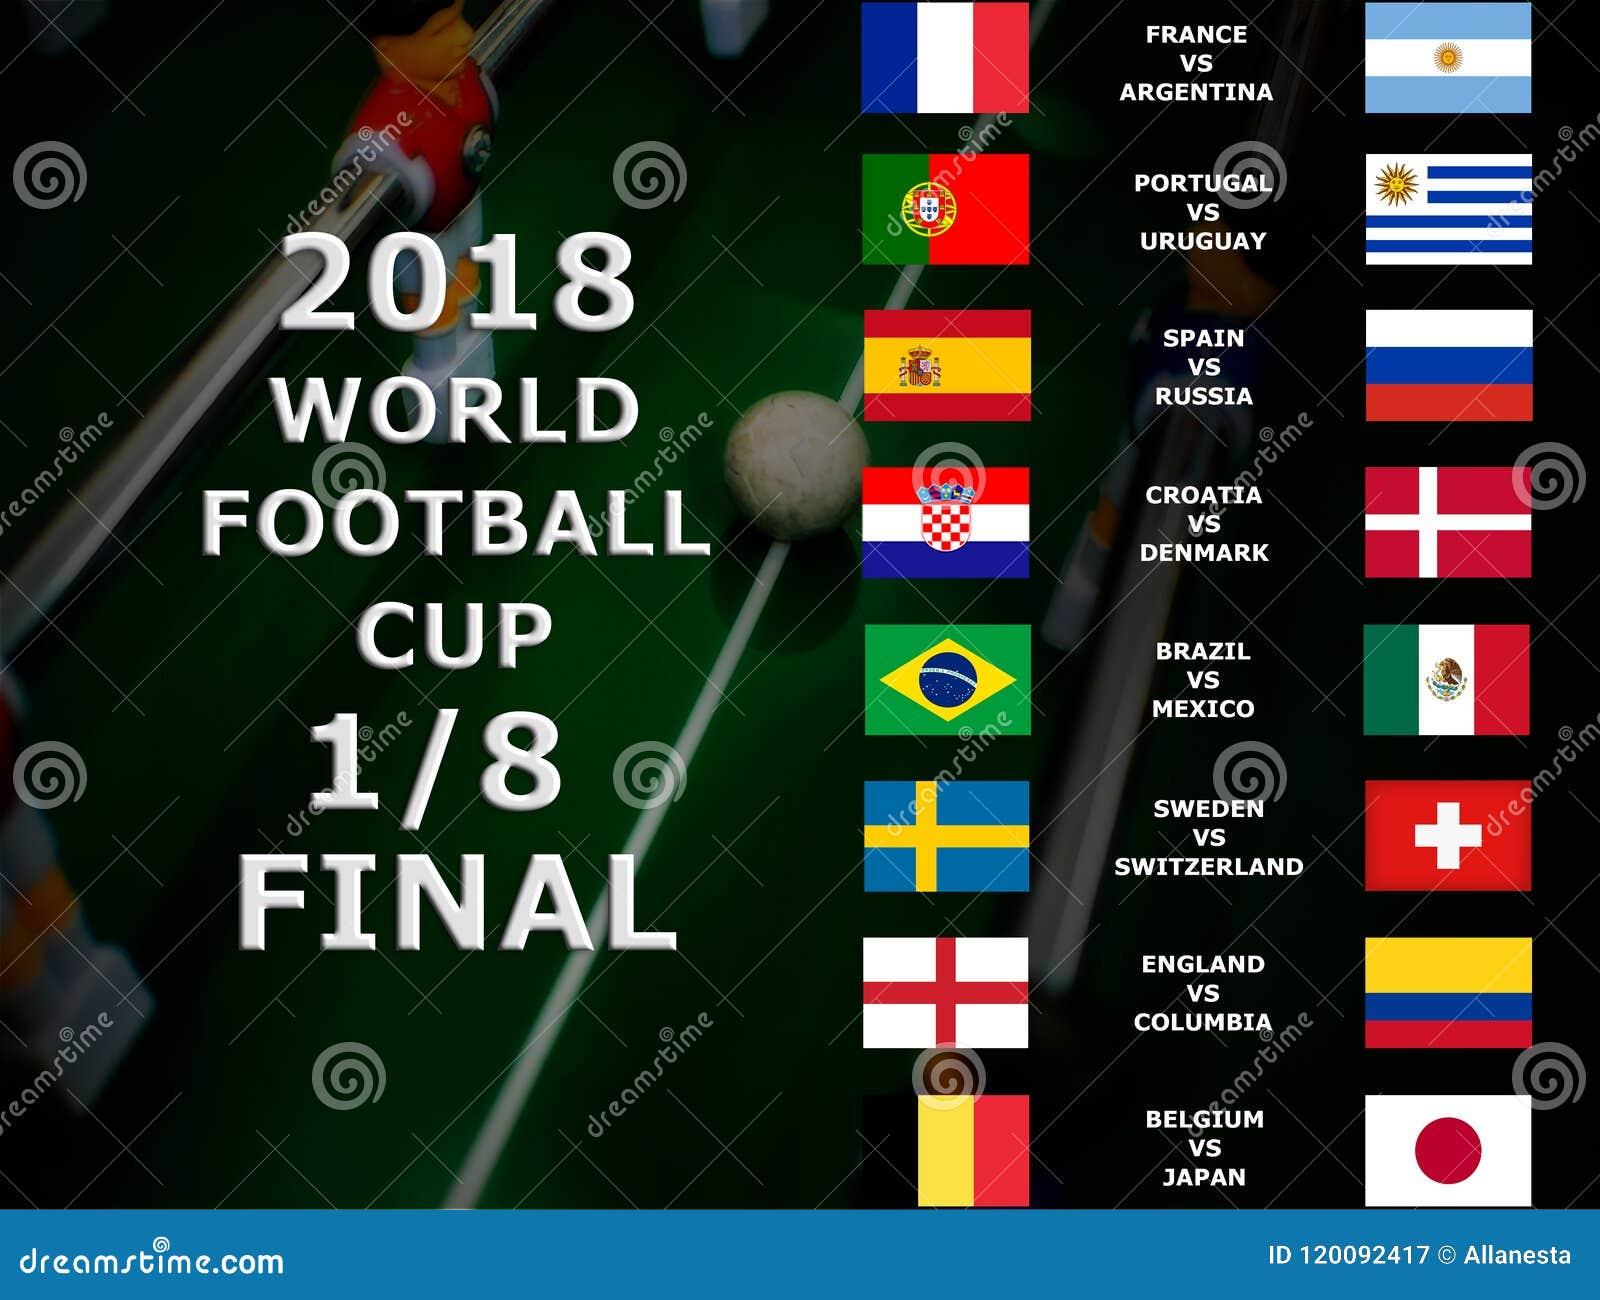 Παγκόσμιο Κύπελλο Ρωσία 2018, αγώνας της FIFA ποδοσφαίρου πρωτάθλημα τελικός Ένας όγδοος του φλυτζανιού Βέλγιο, Ιαπωνία, Βραζιλία